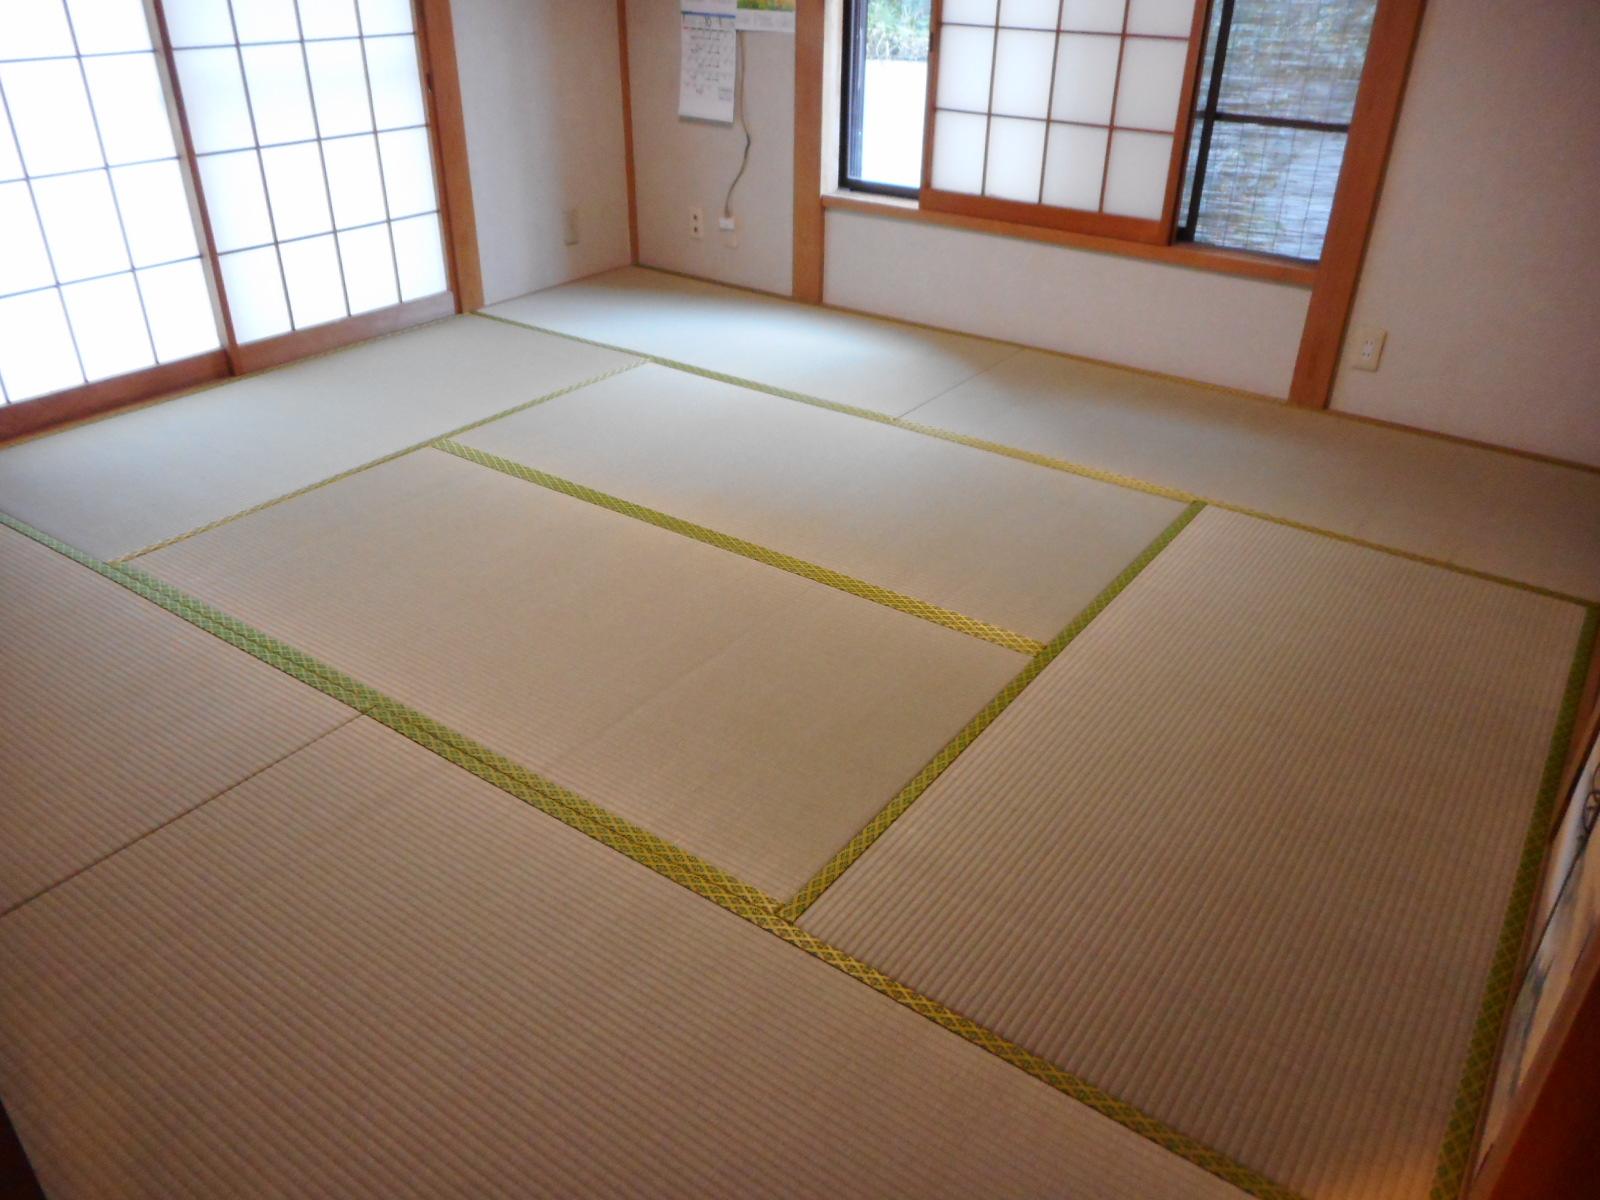 日野市K様上級畳おもてをご注文頂いた施工後の画像です